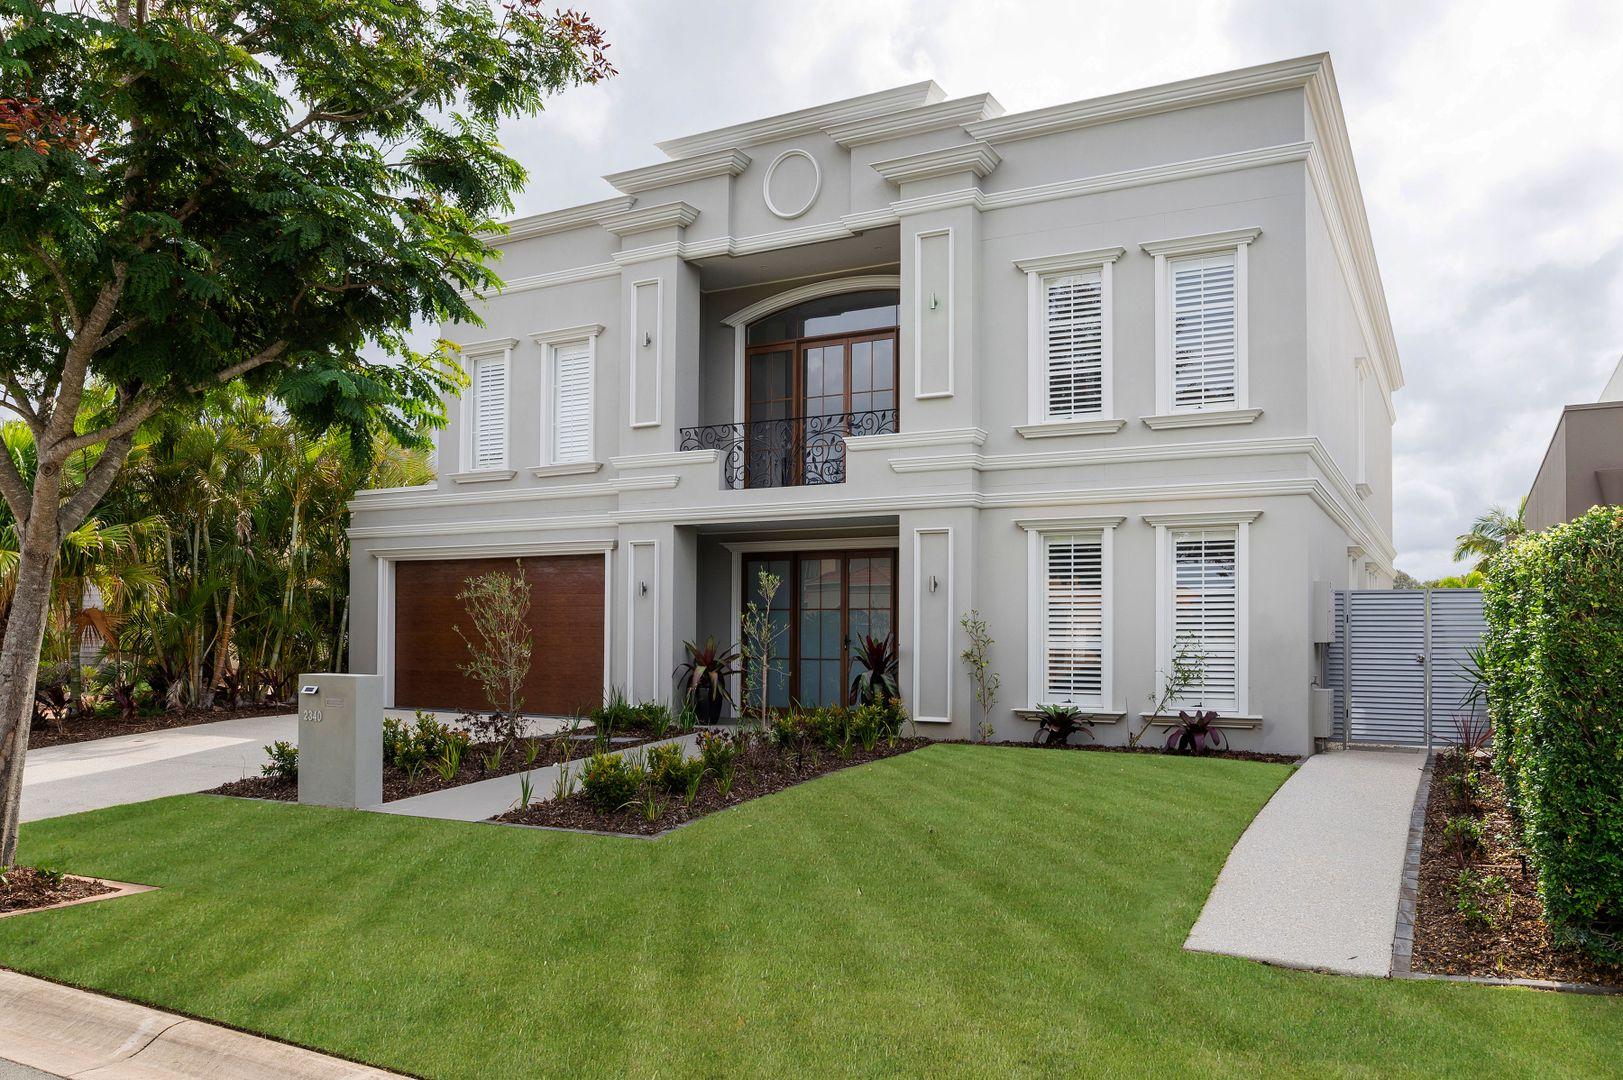 2340 Cressbrook Drive, Hope Island QLD 4212, Image 0